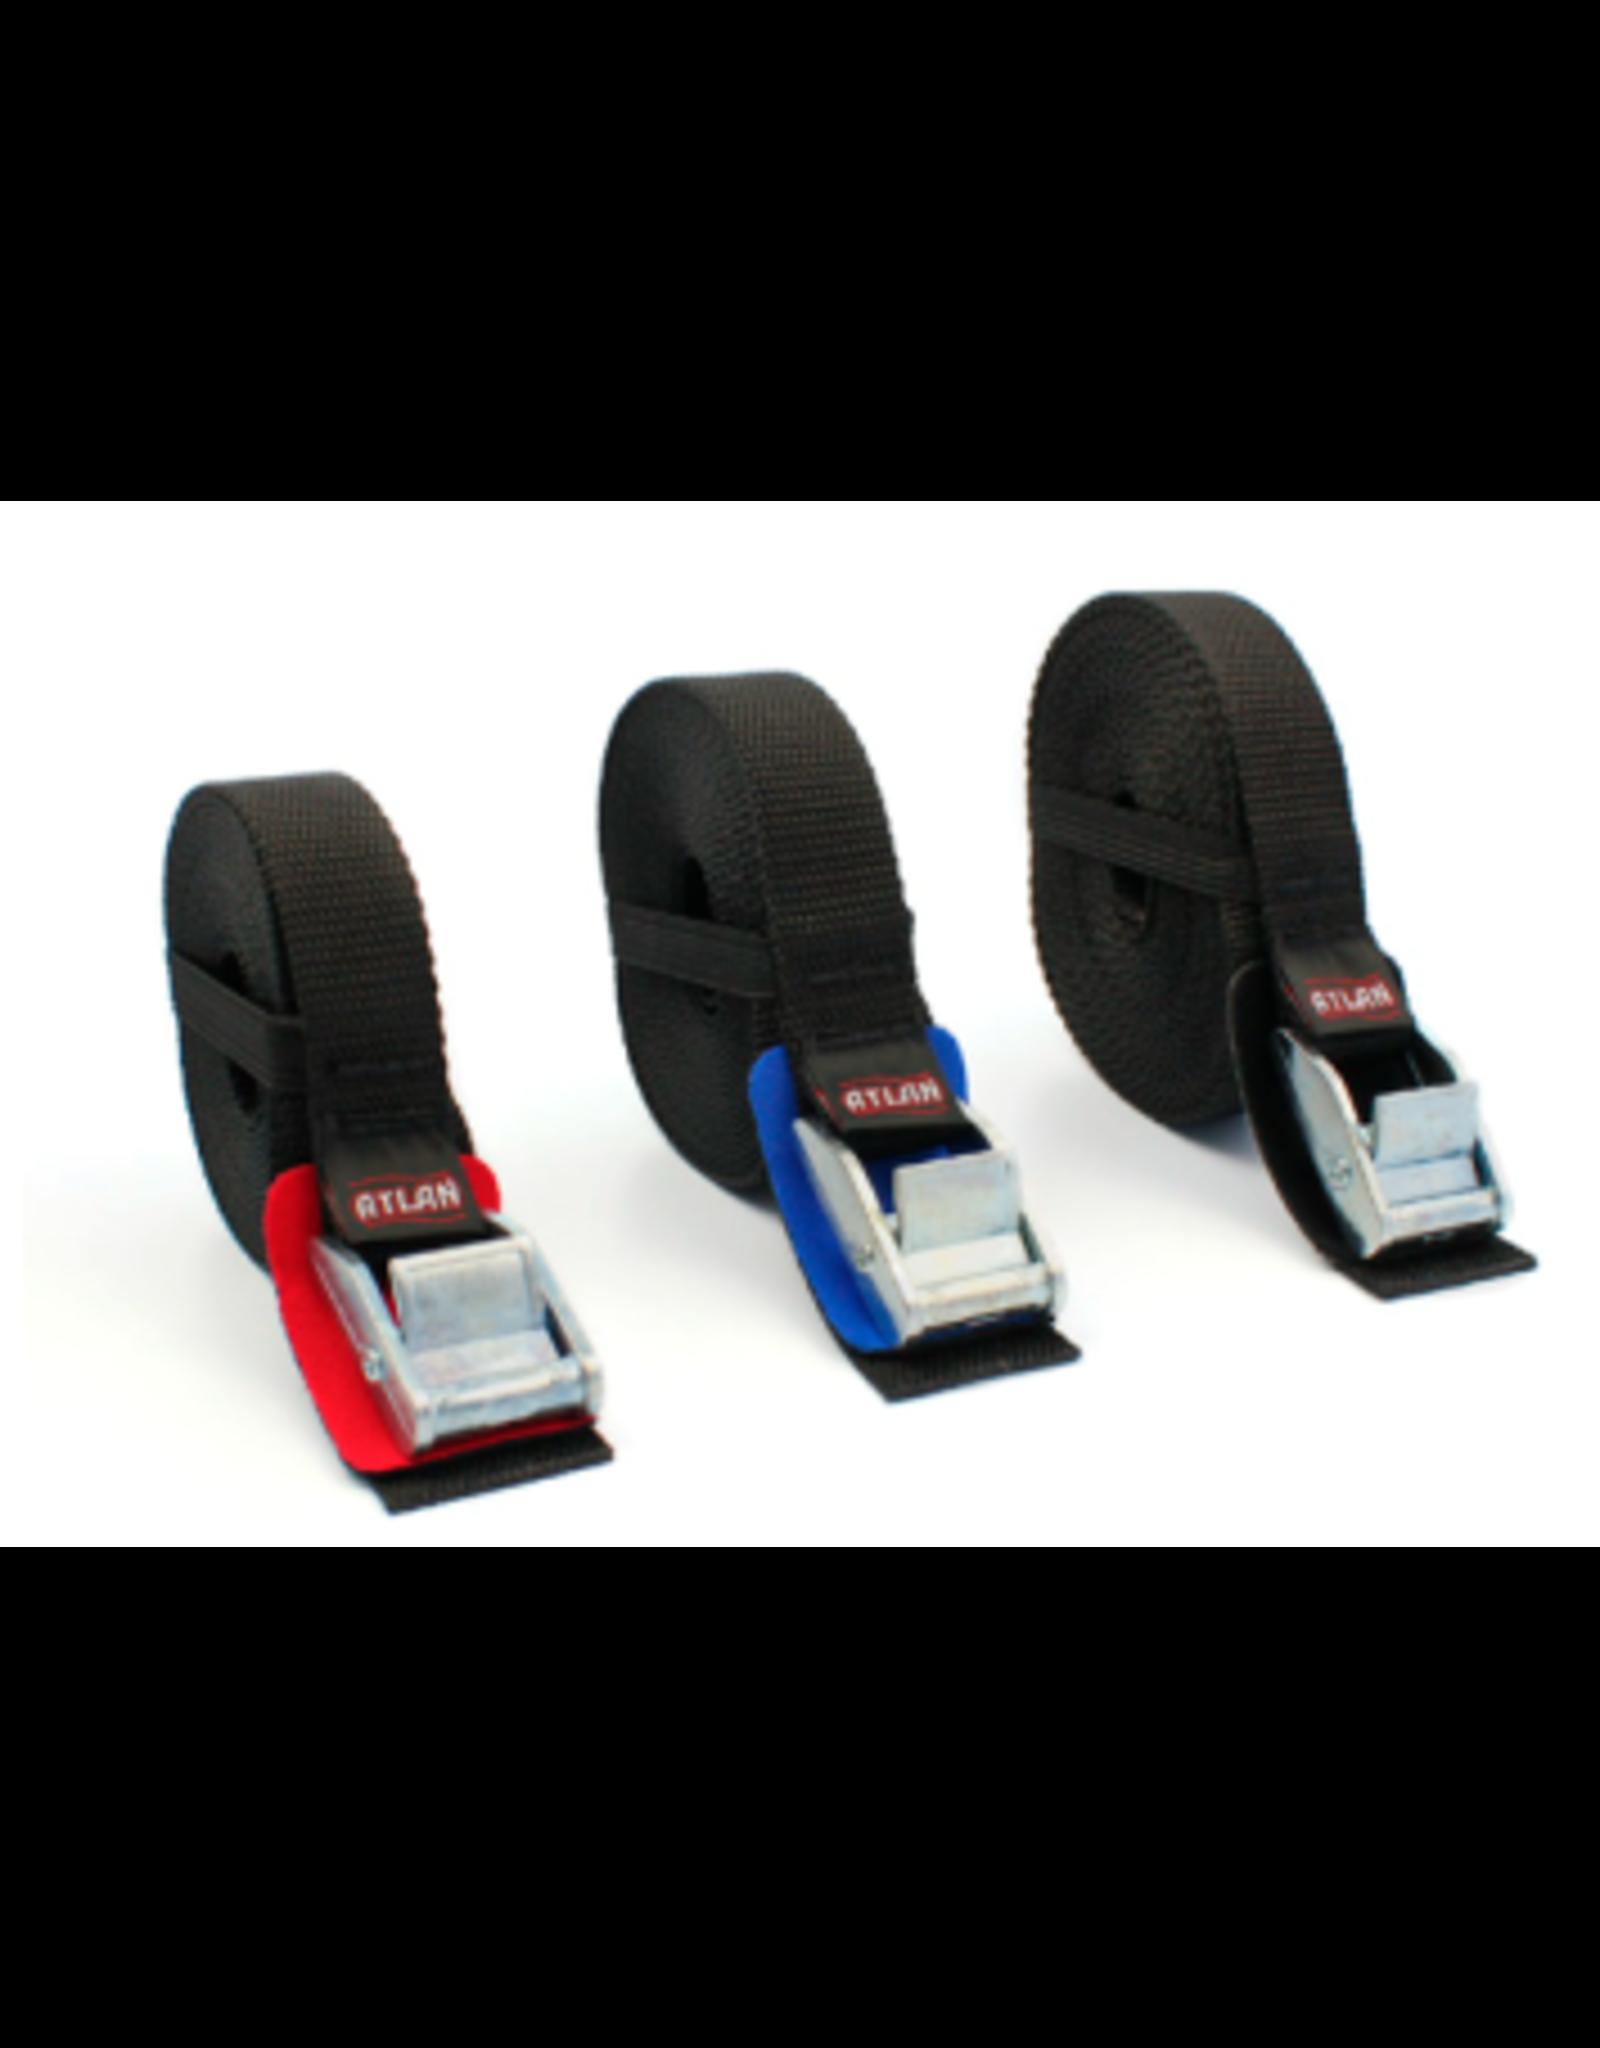 Atlan Atlan tie-down straps